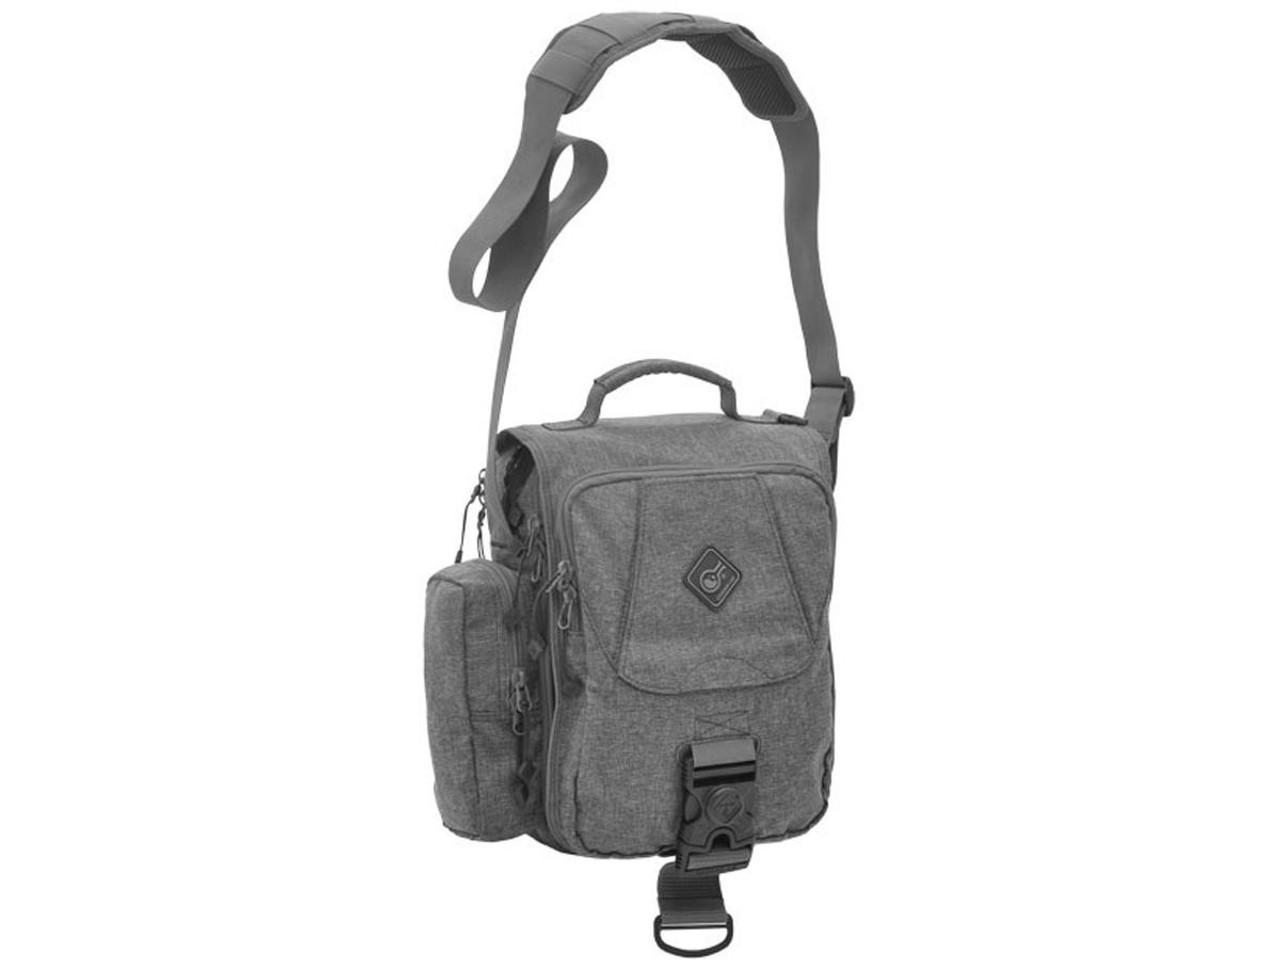 a02e1b9376 Hazard 4 Grayman Kato Urban EDC Shoulder Bag - Gray - Hero Outdoors